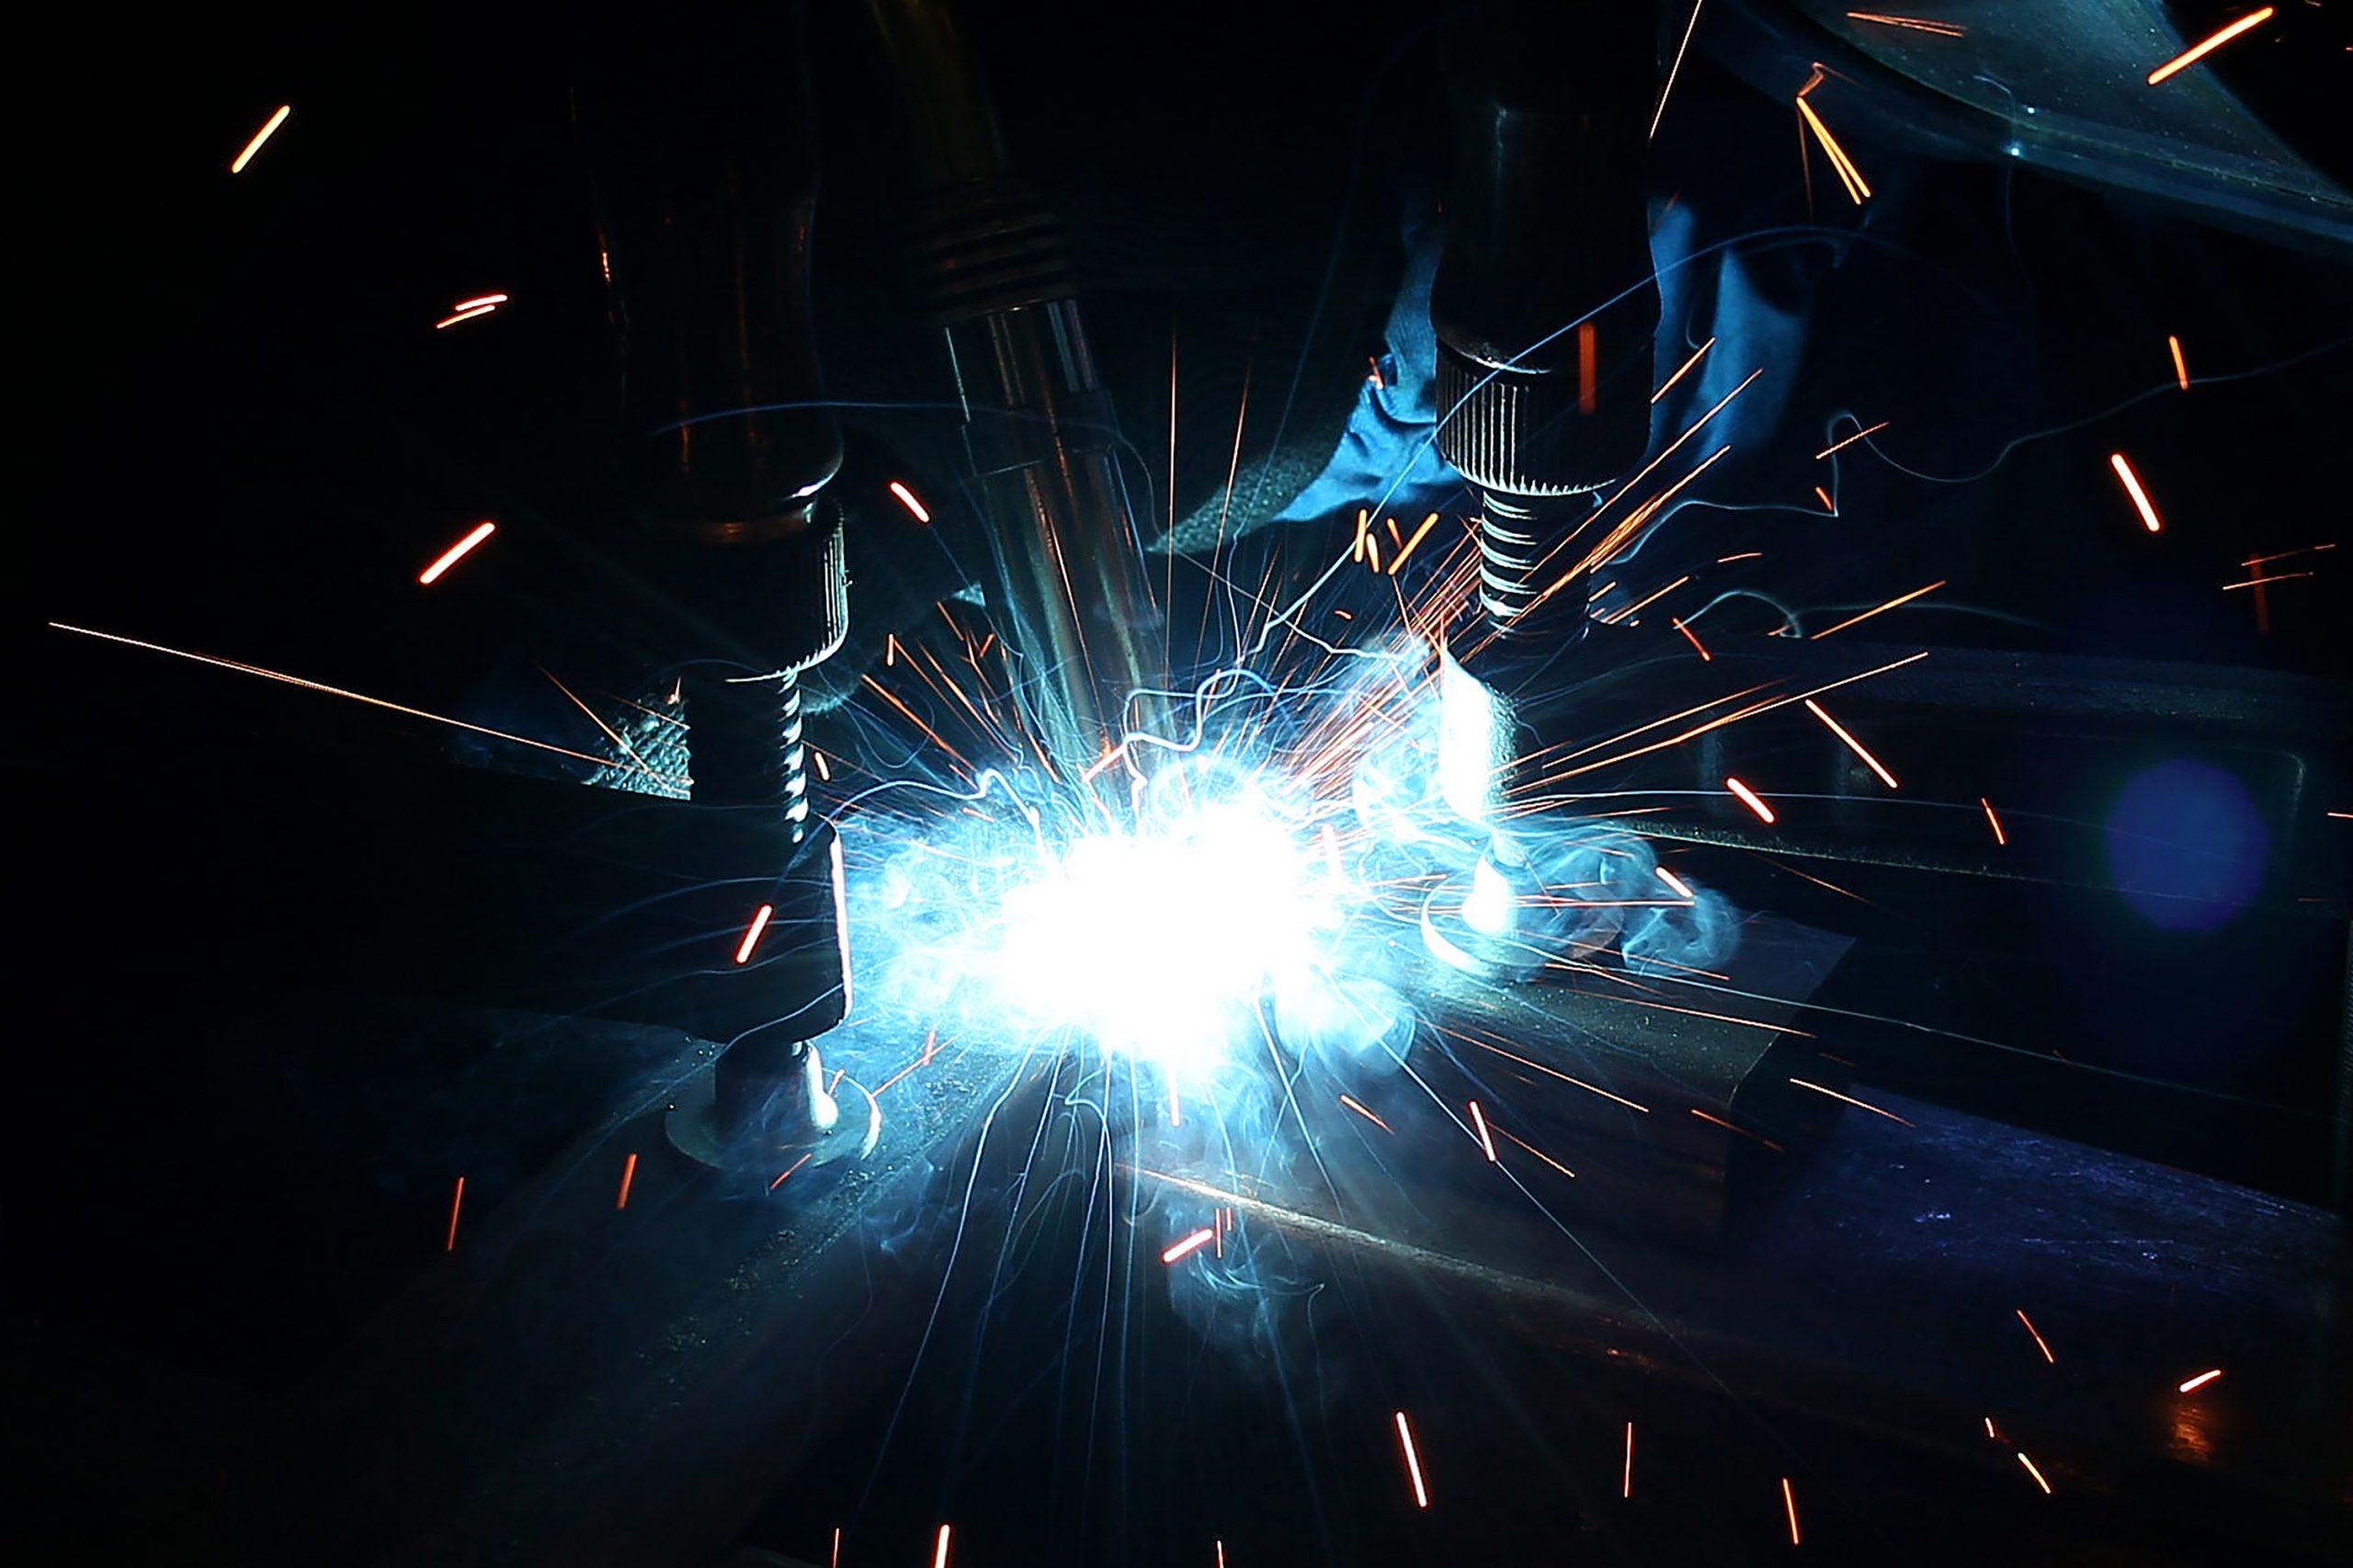 Schweißindustrie, Welding industry, Varilska industrija